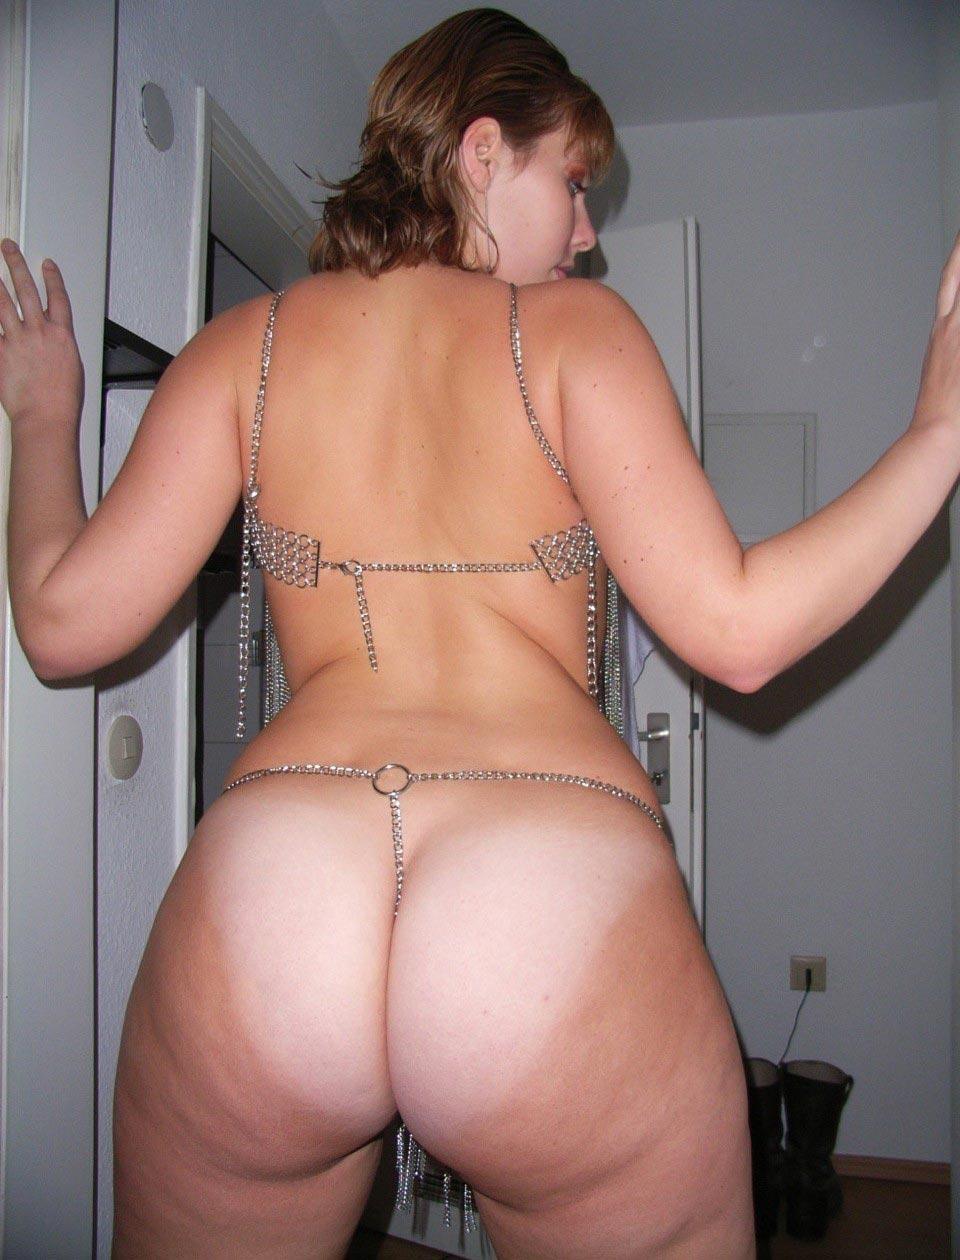 Девушки с большими бедрами порно любительское фото — 8